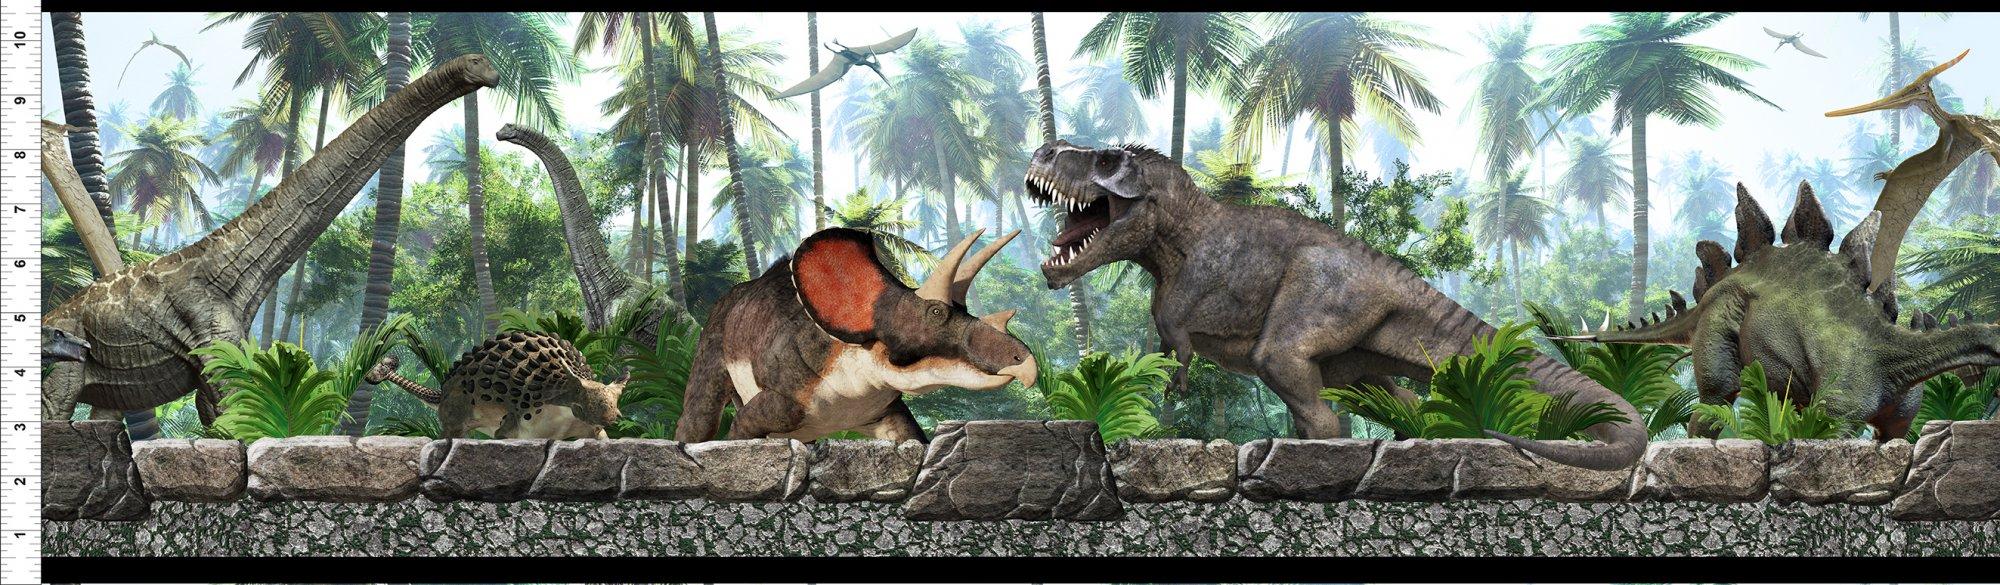 Jurassic Dinosaur Border Multi reordered 2/6/21